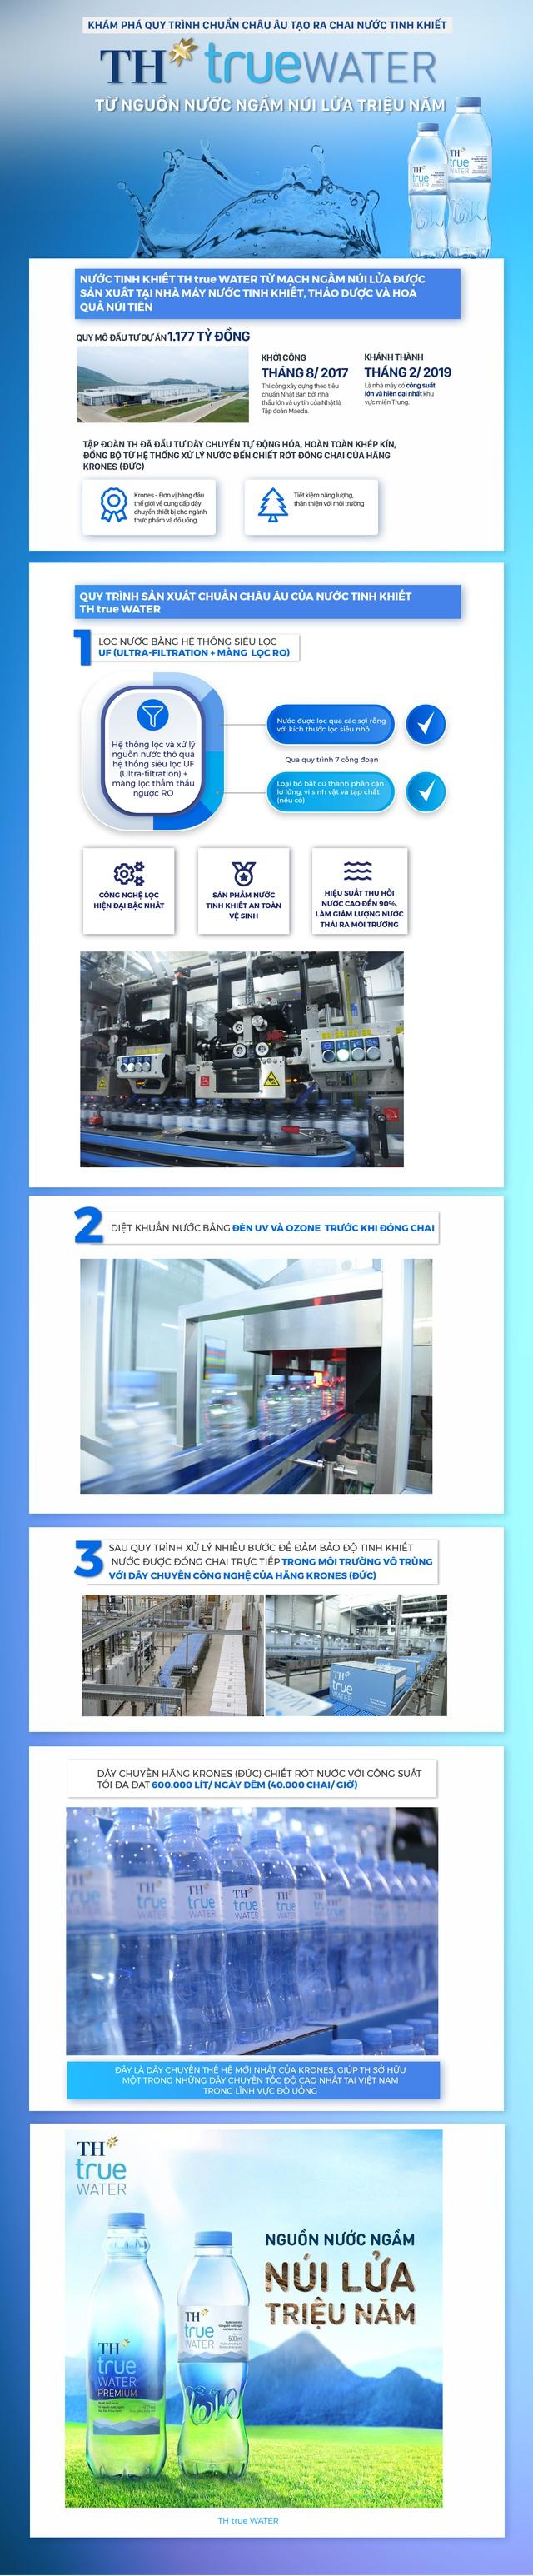 Khám phá quy trình chuẩn châu Âu tạo ra chai nước tinh khiết TH true WATER - Ảnh 1.